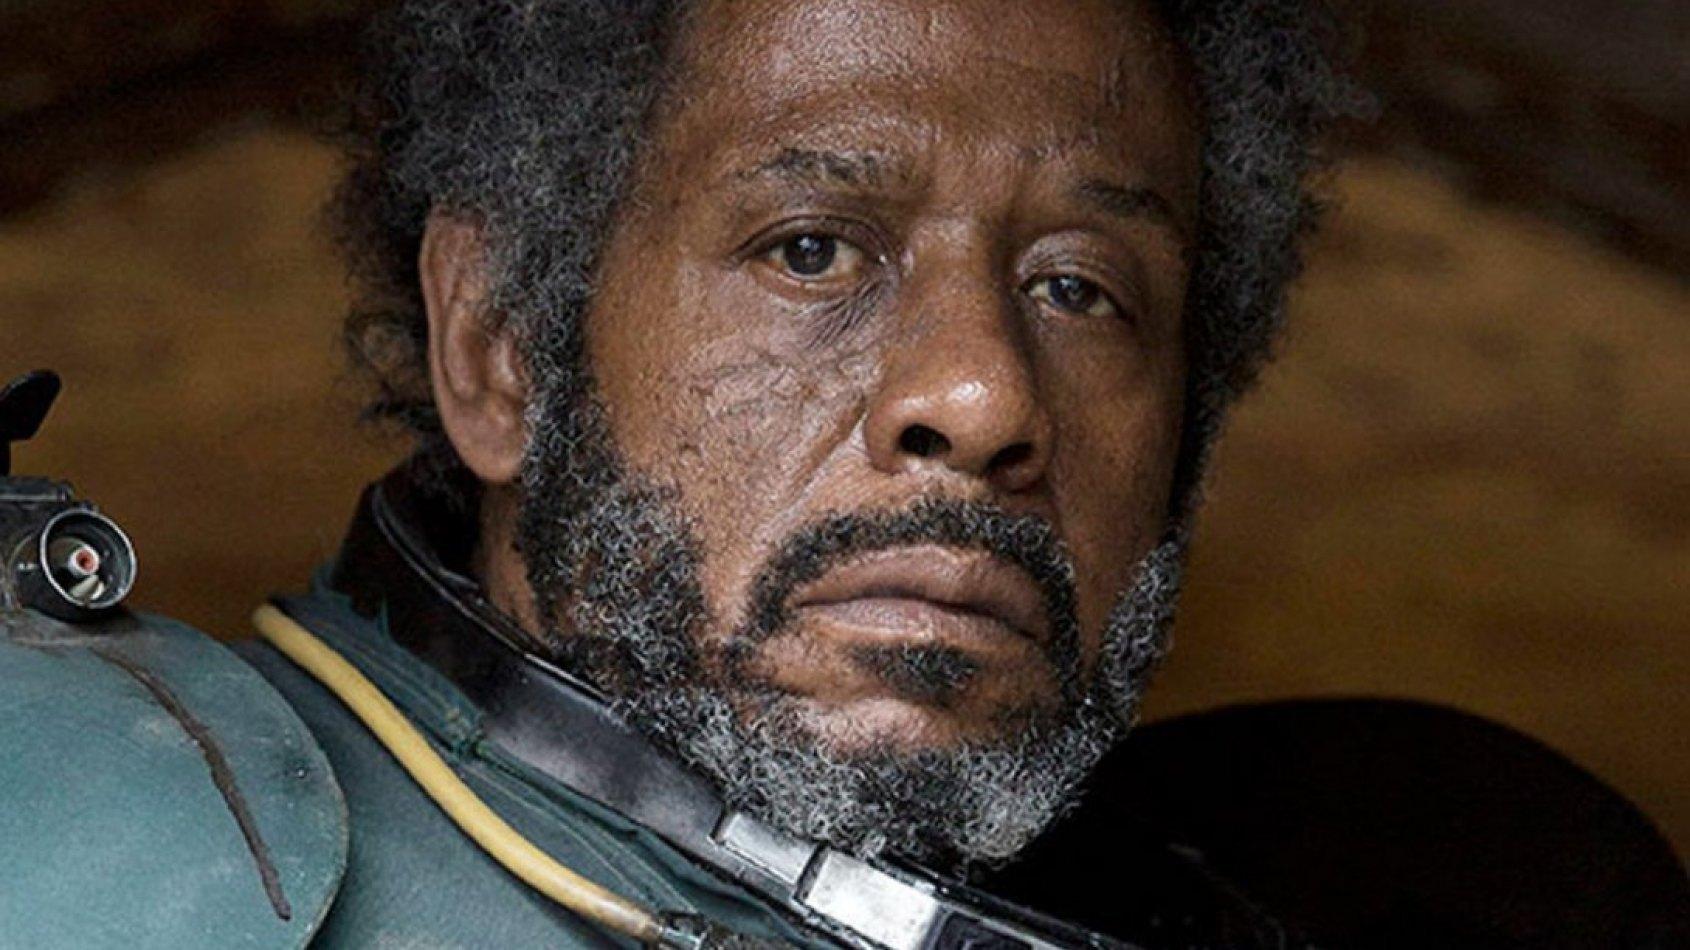 L'identité du personnage de Forest Whitaker dans Rogue One révélée